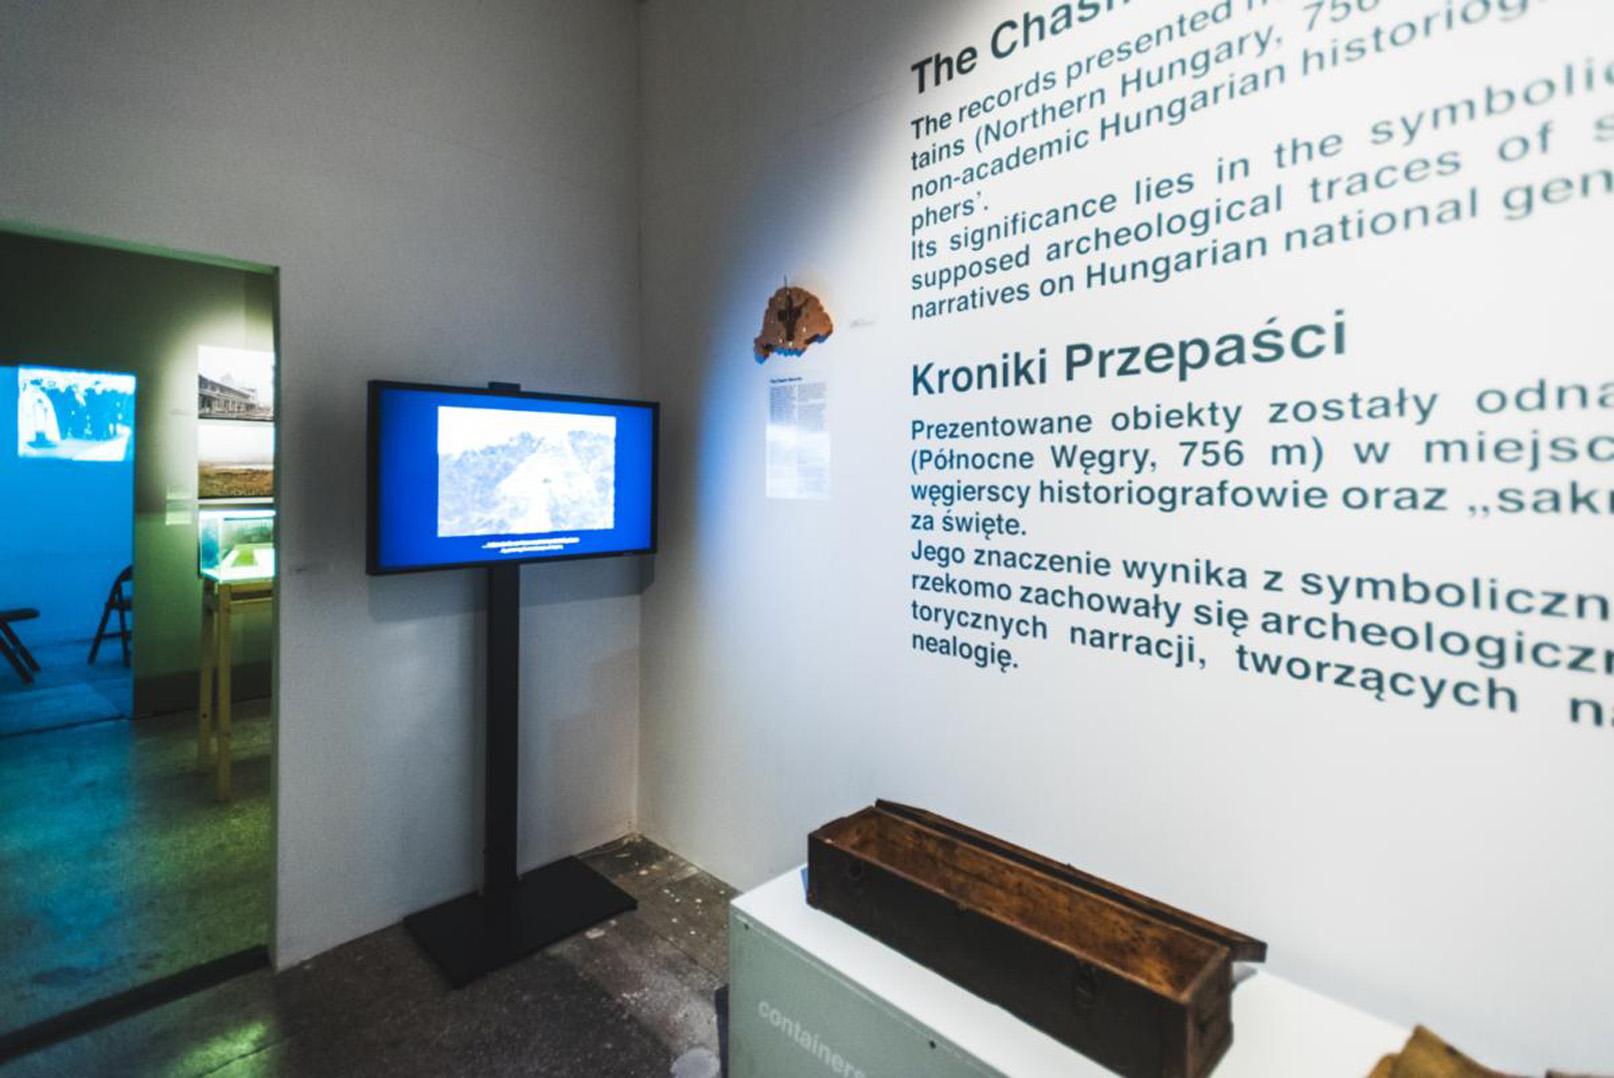 warsaw skip the line 5 skip-the-line-populizm-i-obietnice-wspolczesnosci-dokumentacja-foto-monika-stolarska60-1200x801